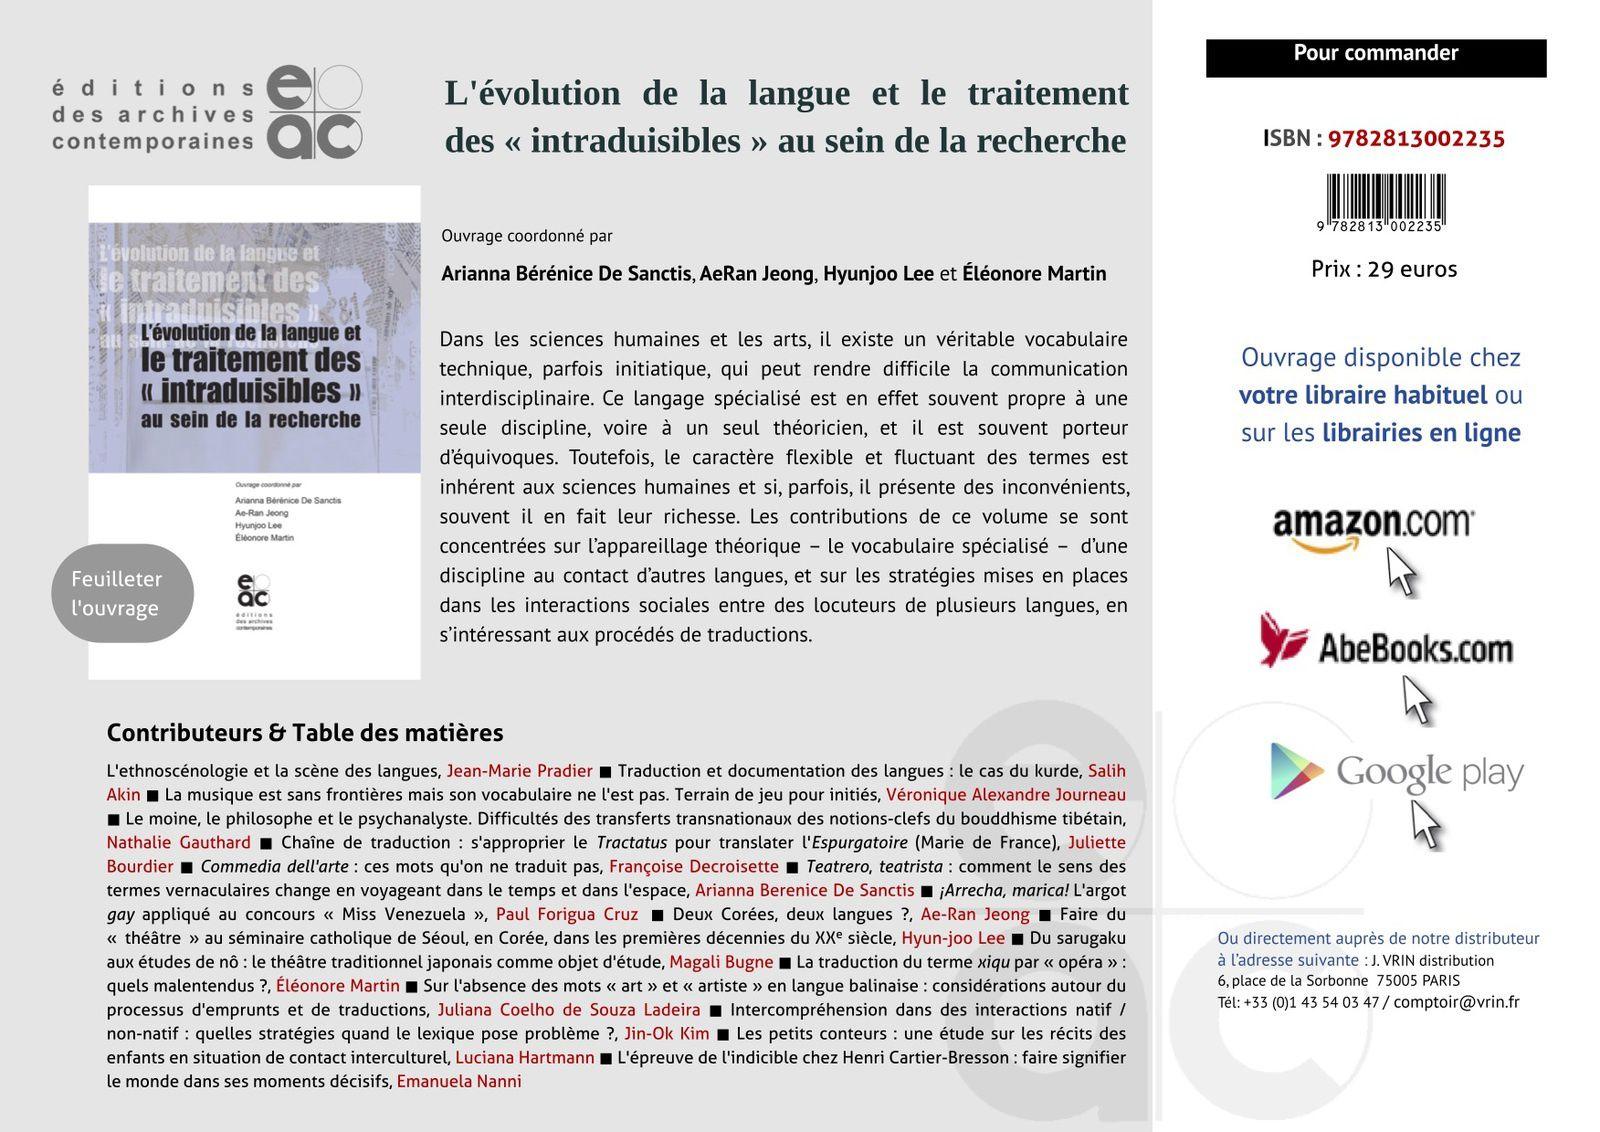 L'évolution de la langue et le traitement des « intraduisibles » au sein de la recherche